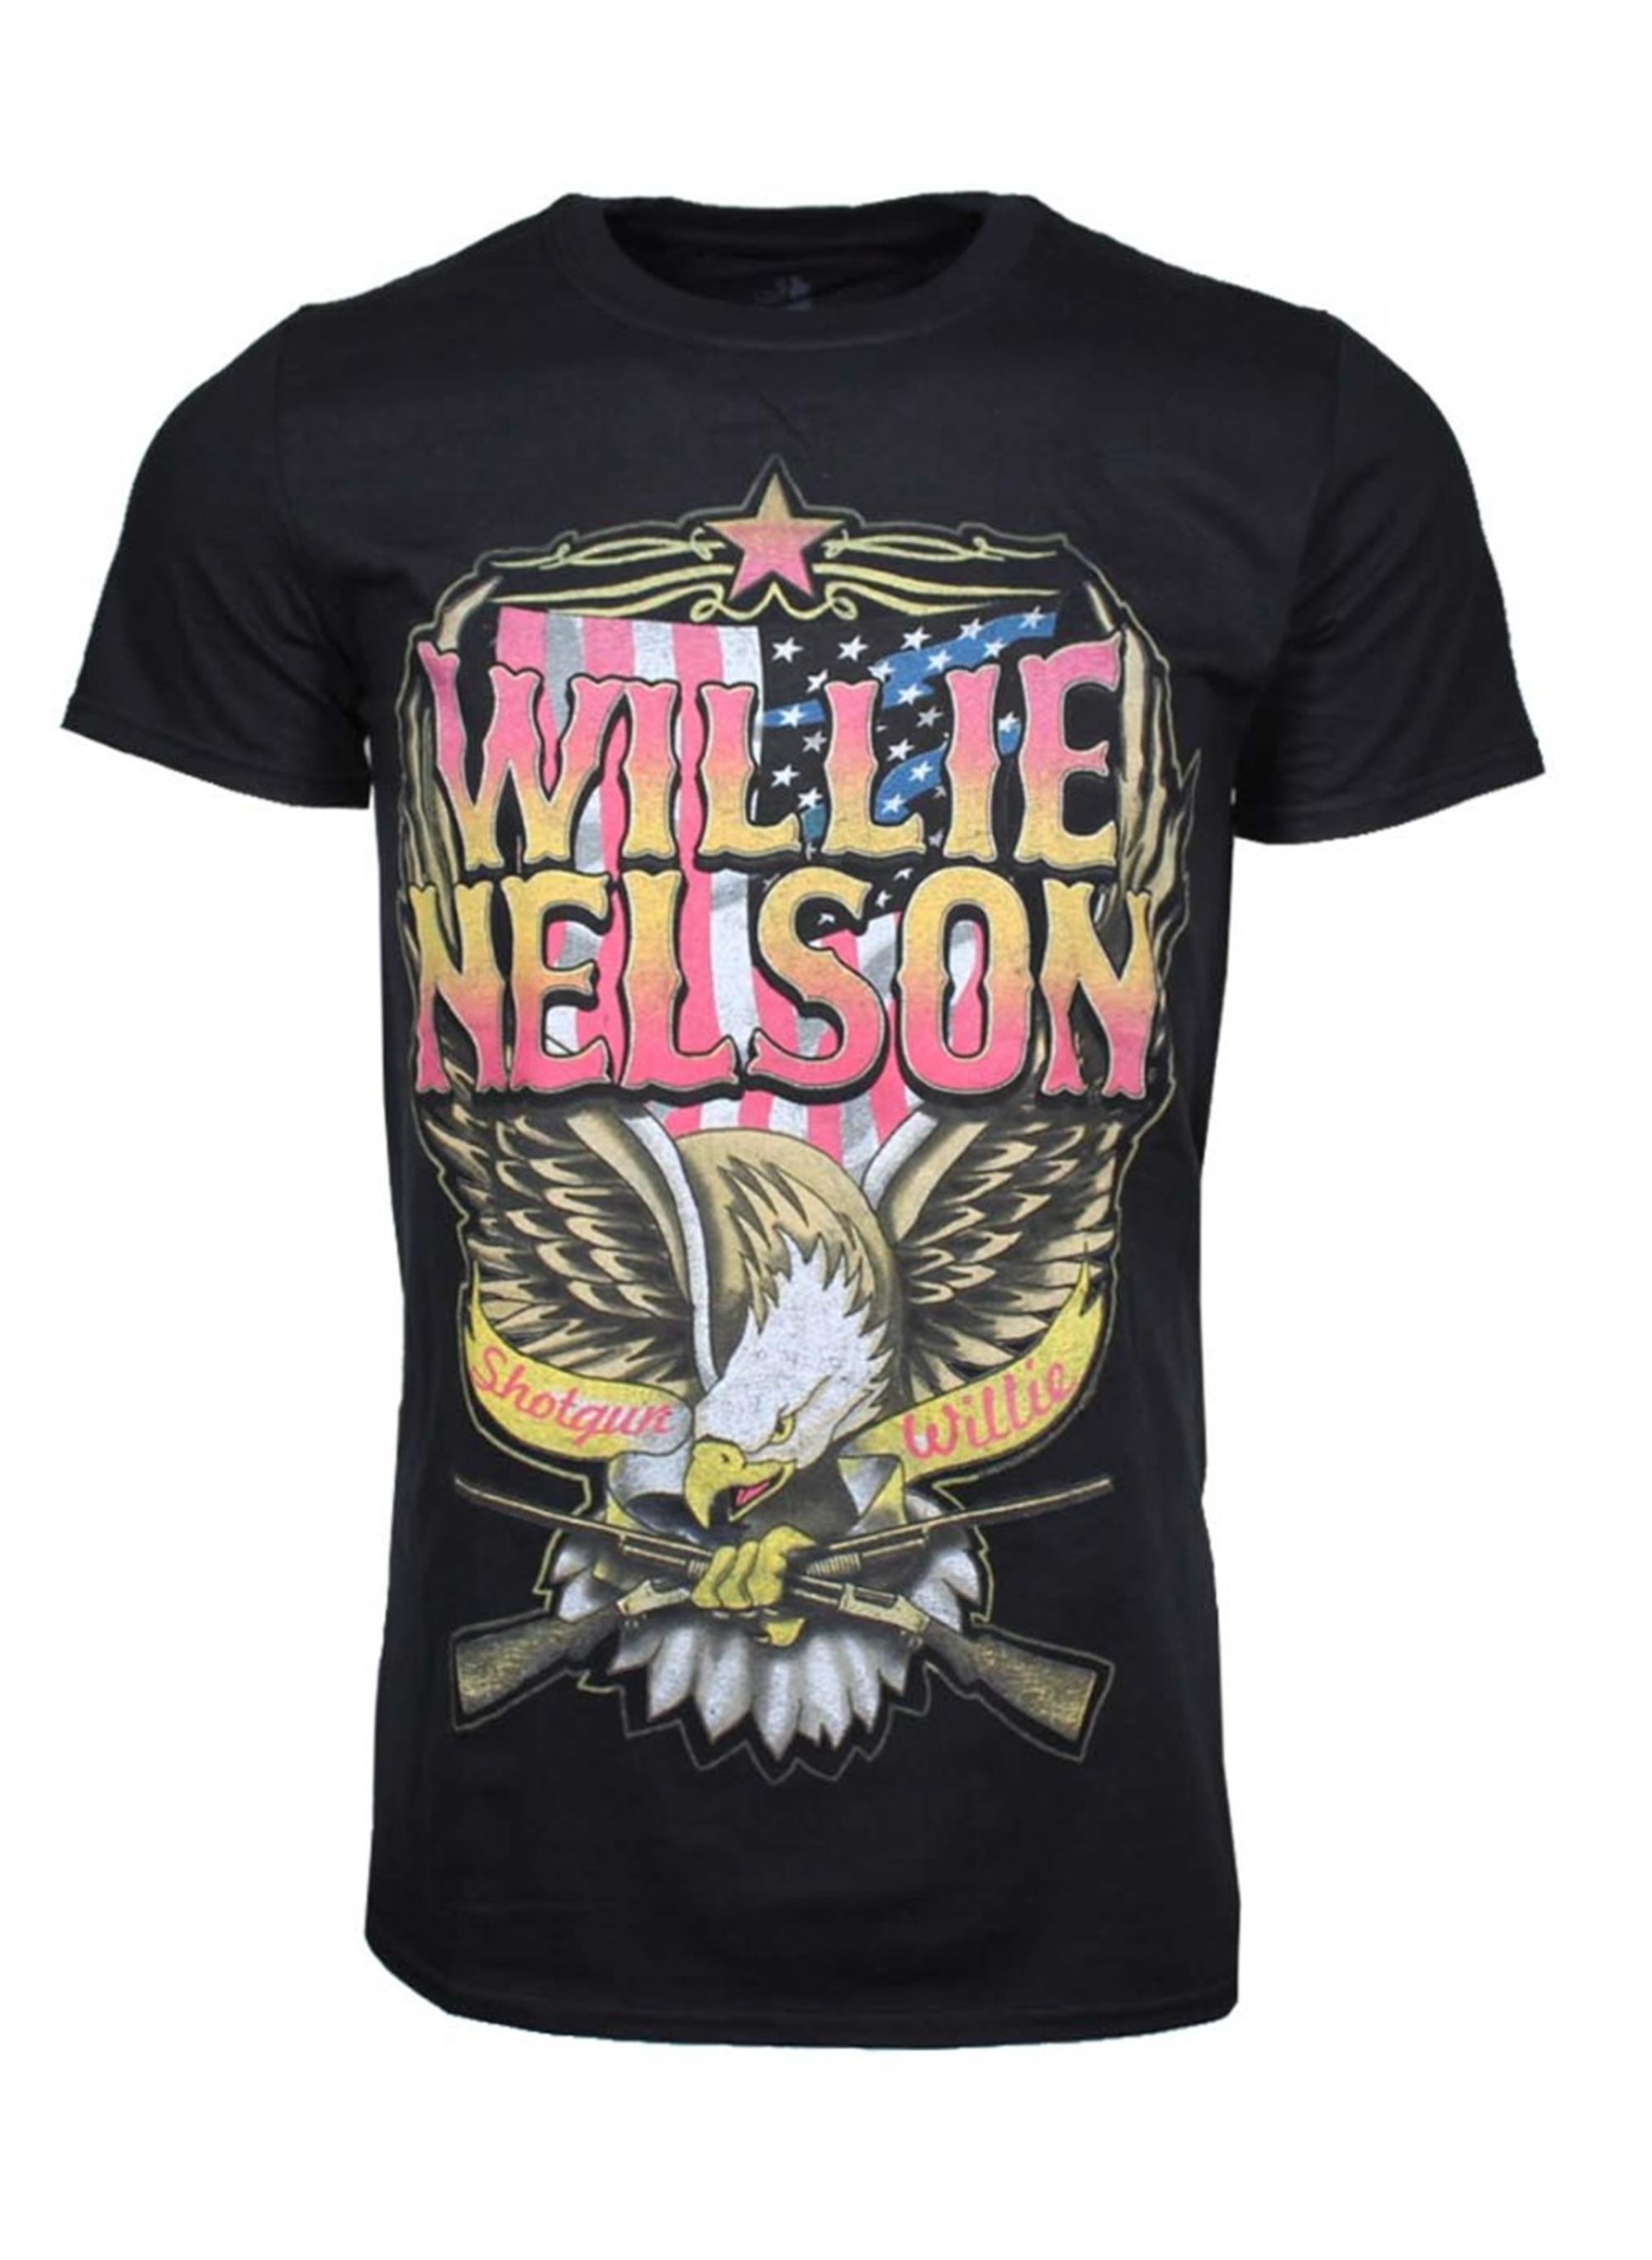 Willie Nelson Shotgun Willie T-Shirt